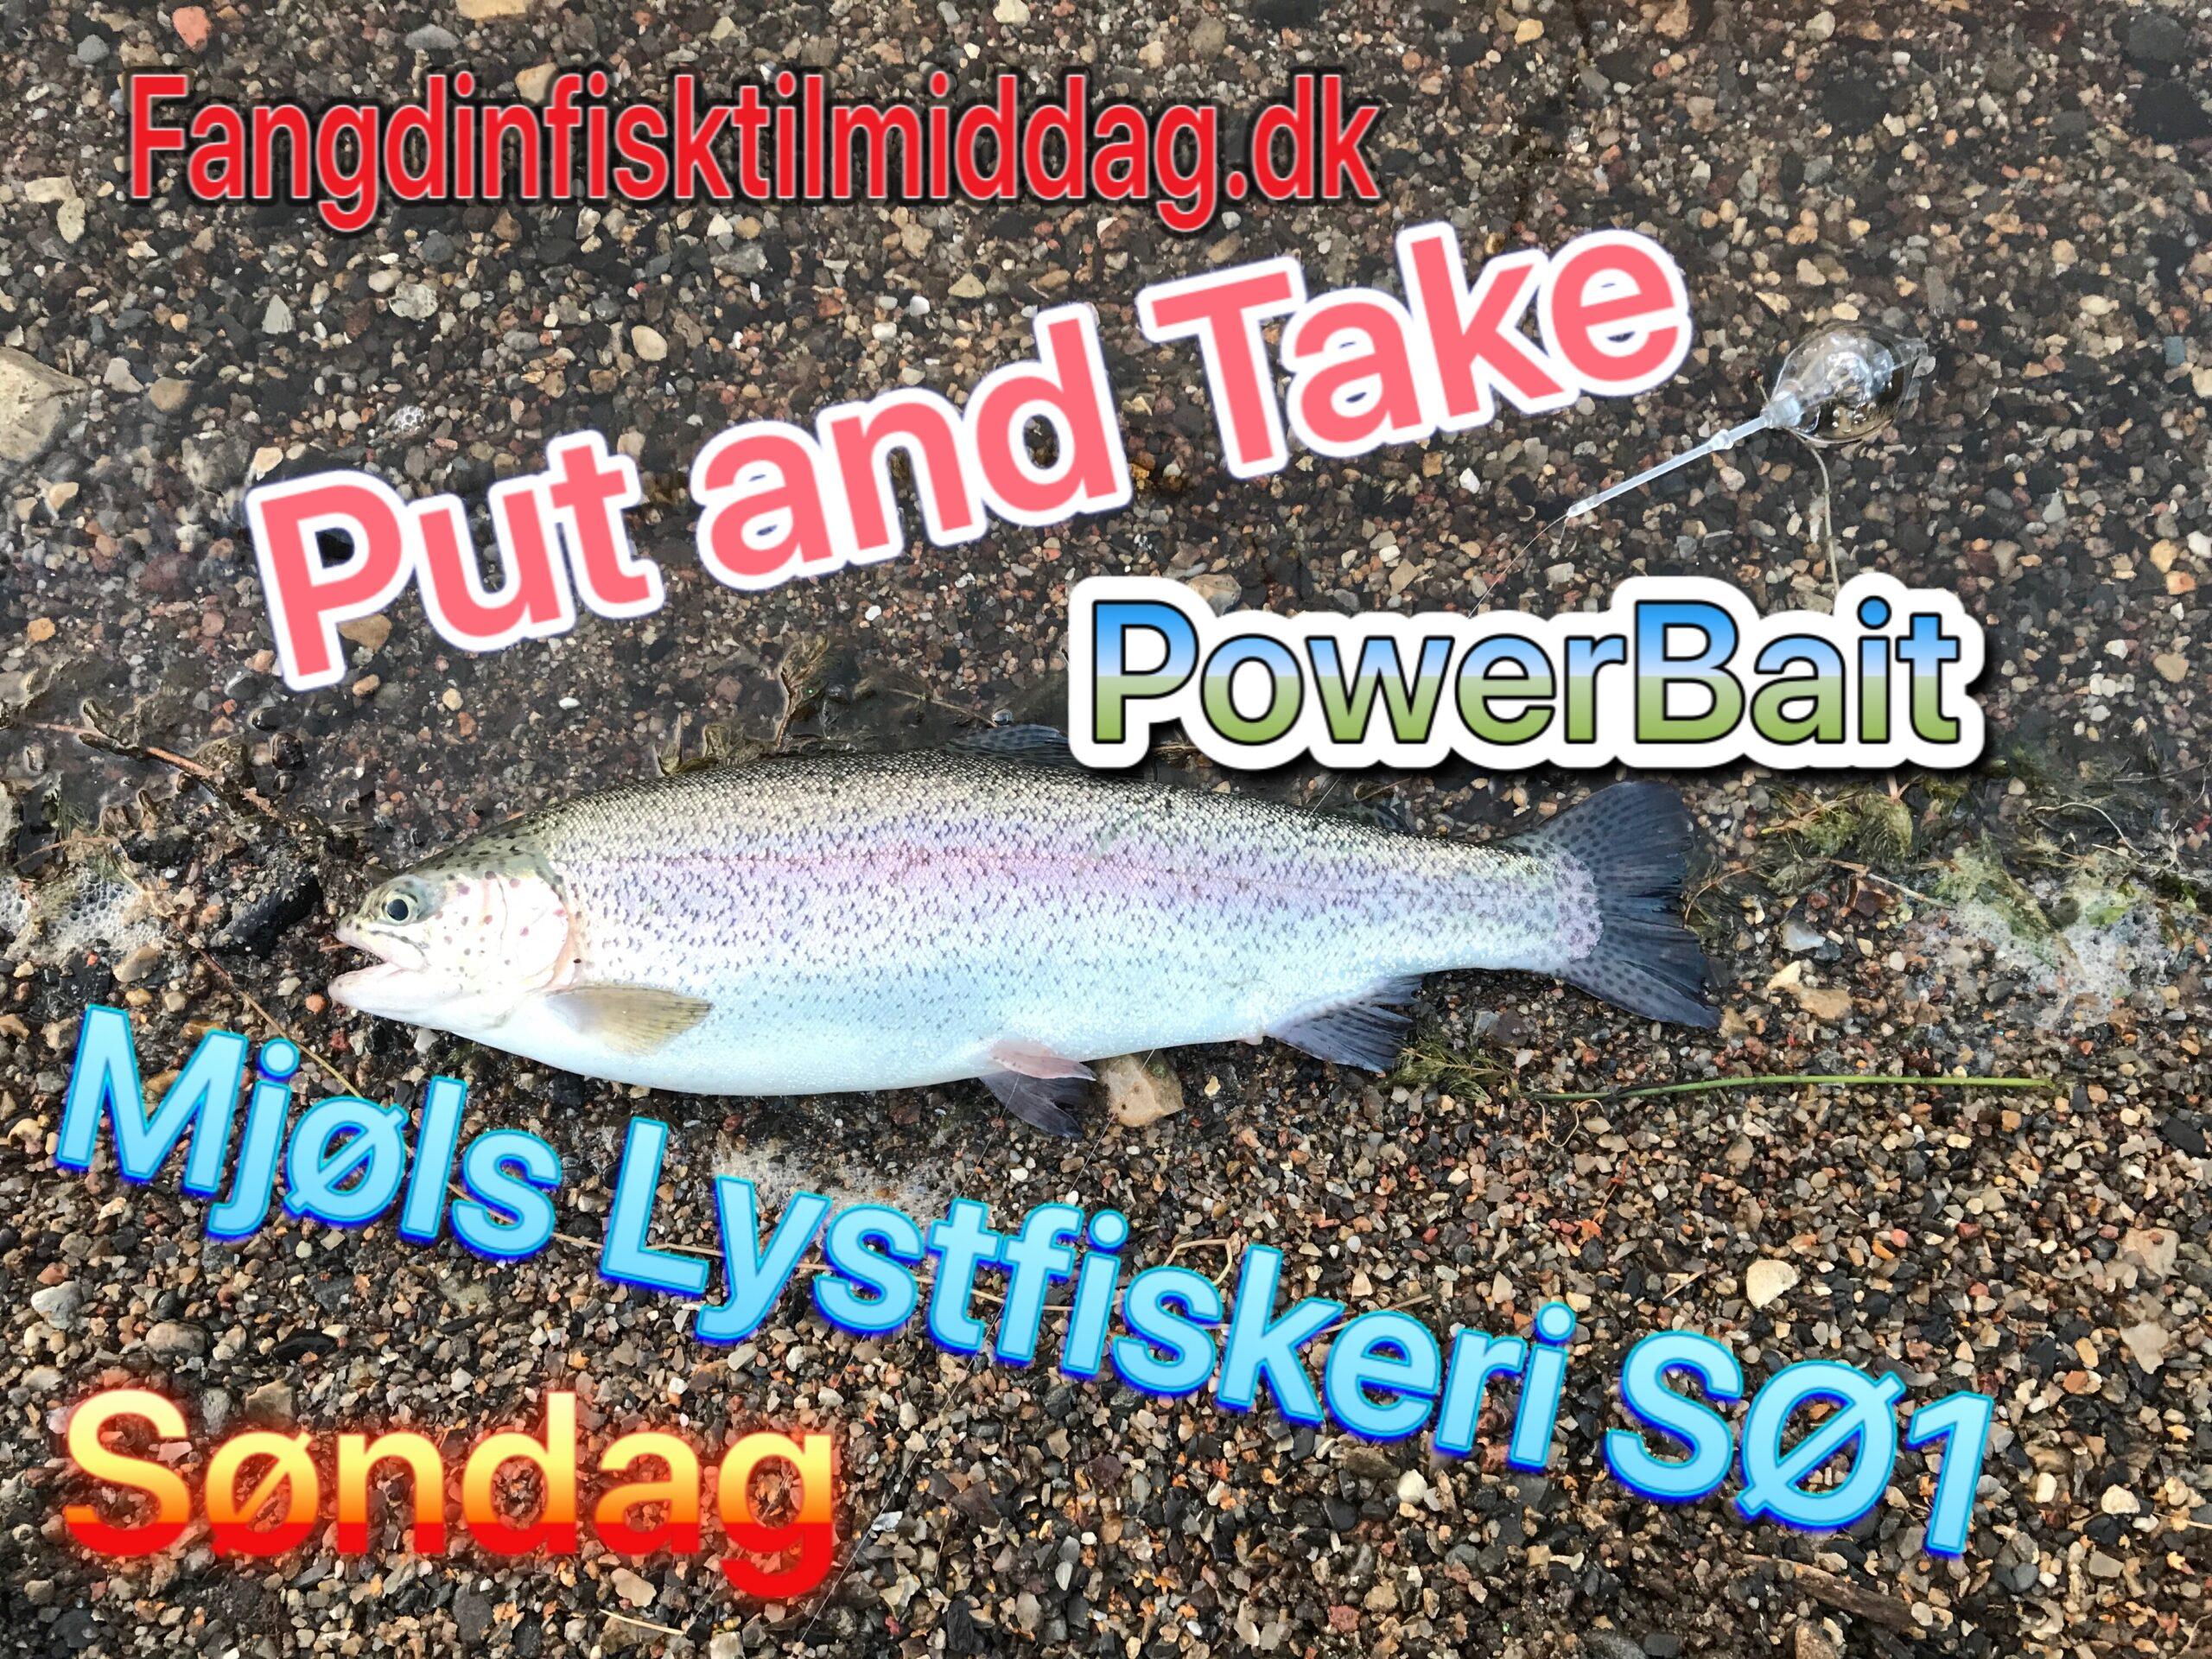 SE VIDEO – Mjøls Lystfiskeri: De hugger søndag morgen